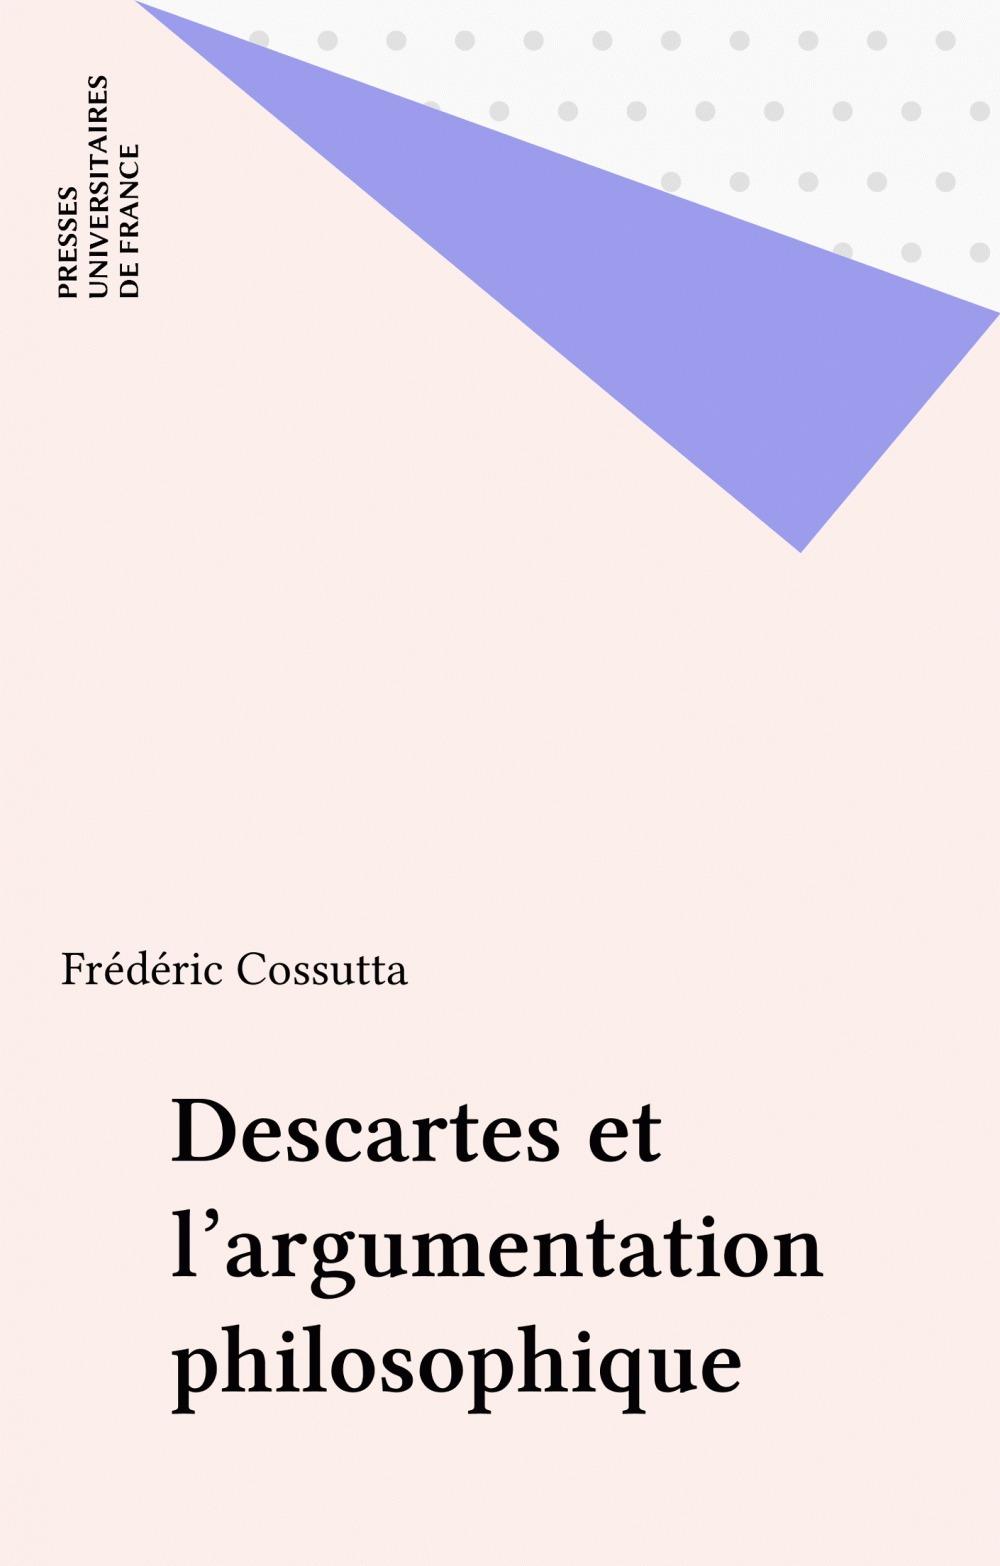 Descartes et l'argumentation philosophique